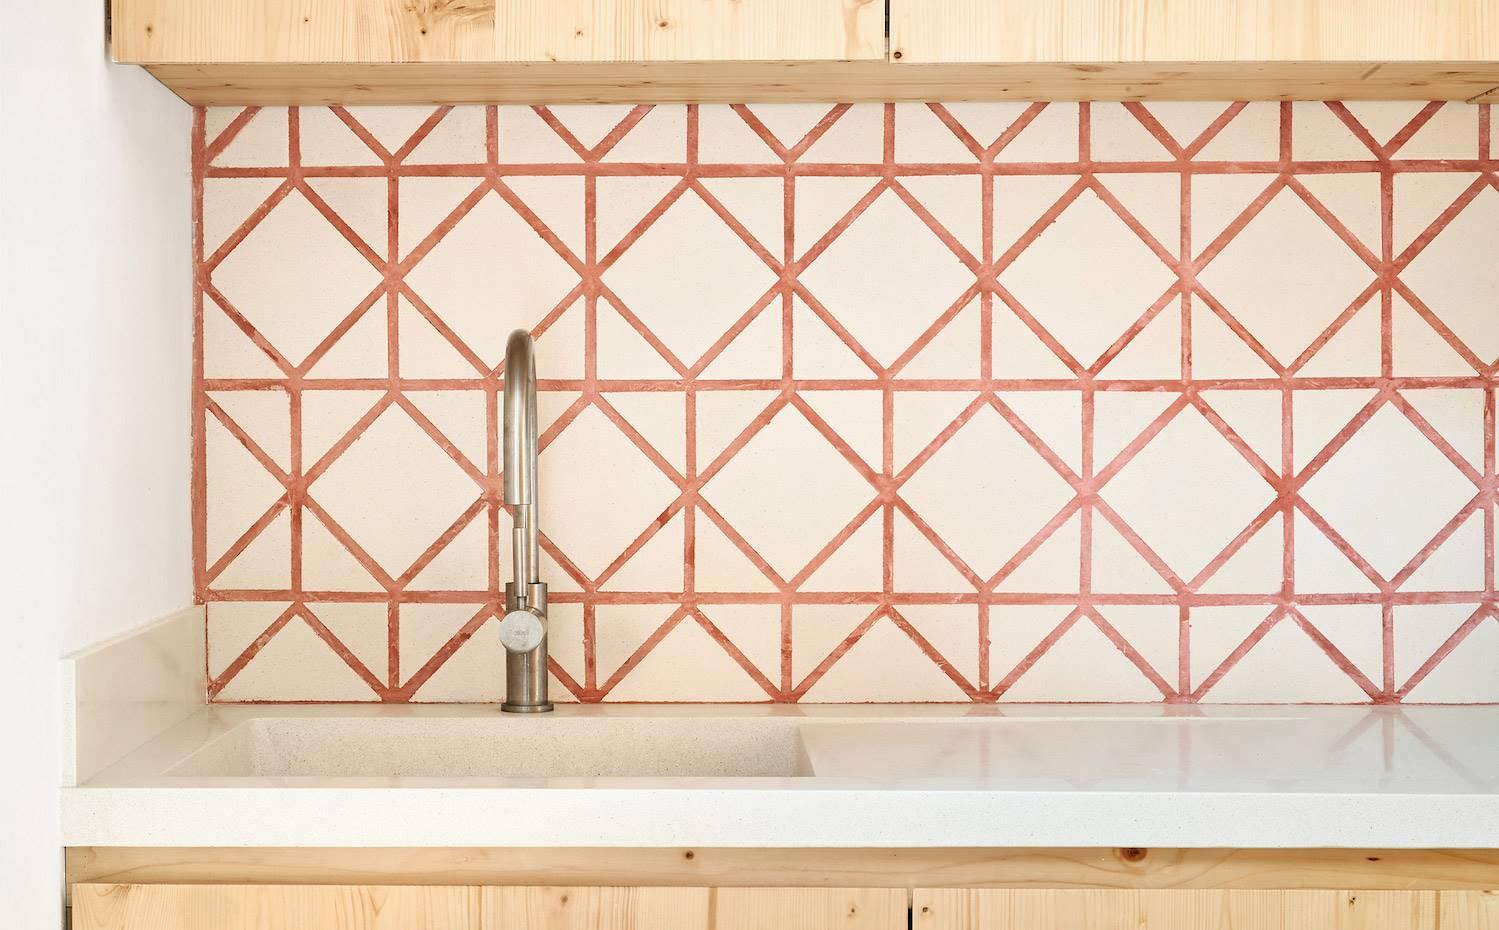 La firma de baldosas Huguet creó este diseño geométrico para un piso en Barcelona junto a los arquitectos TEd'A.